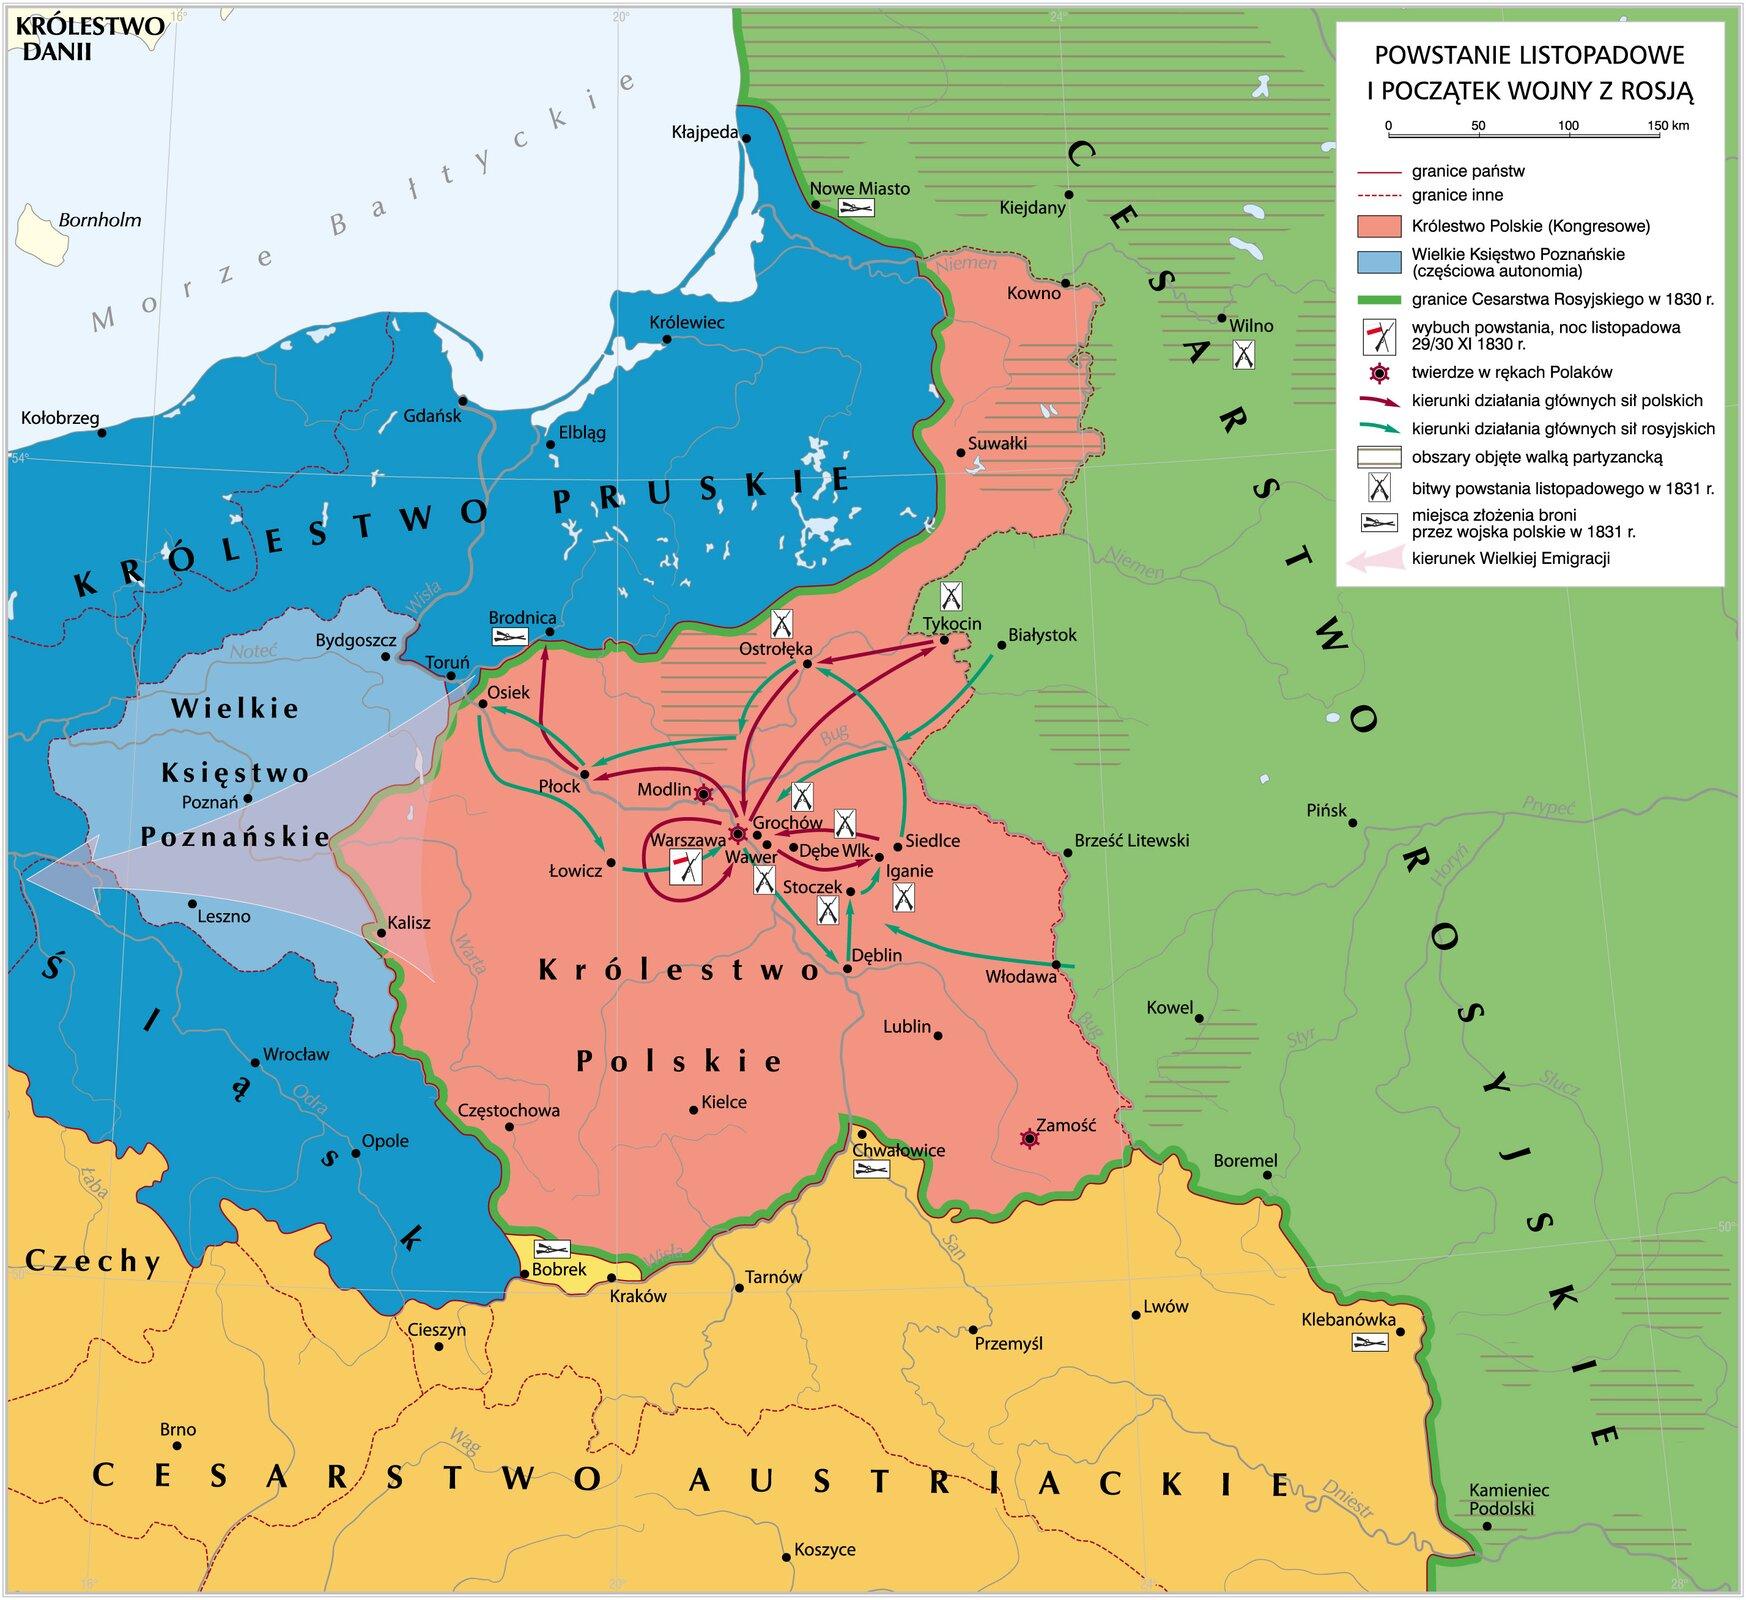 mapa -Powstanie listopadowe ipoczątek wojny zRosją